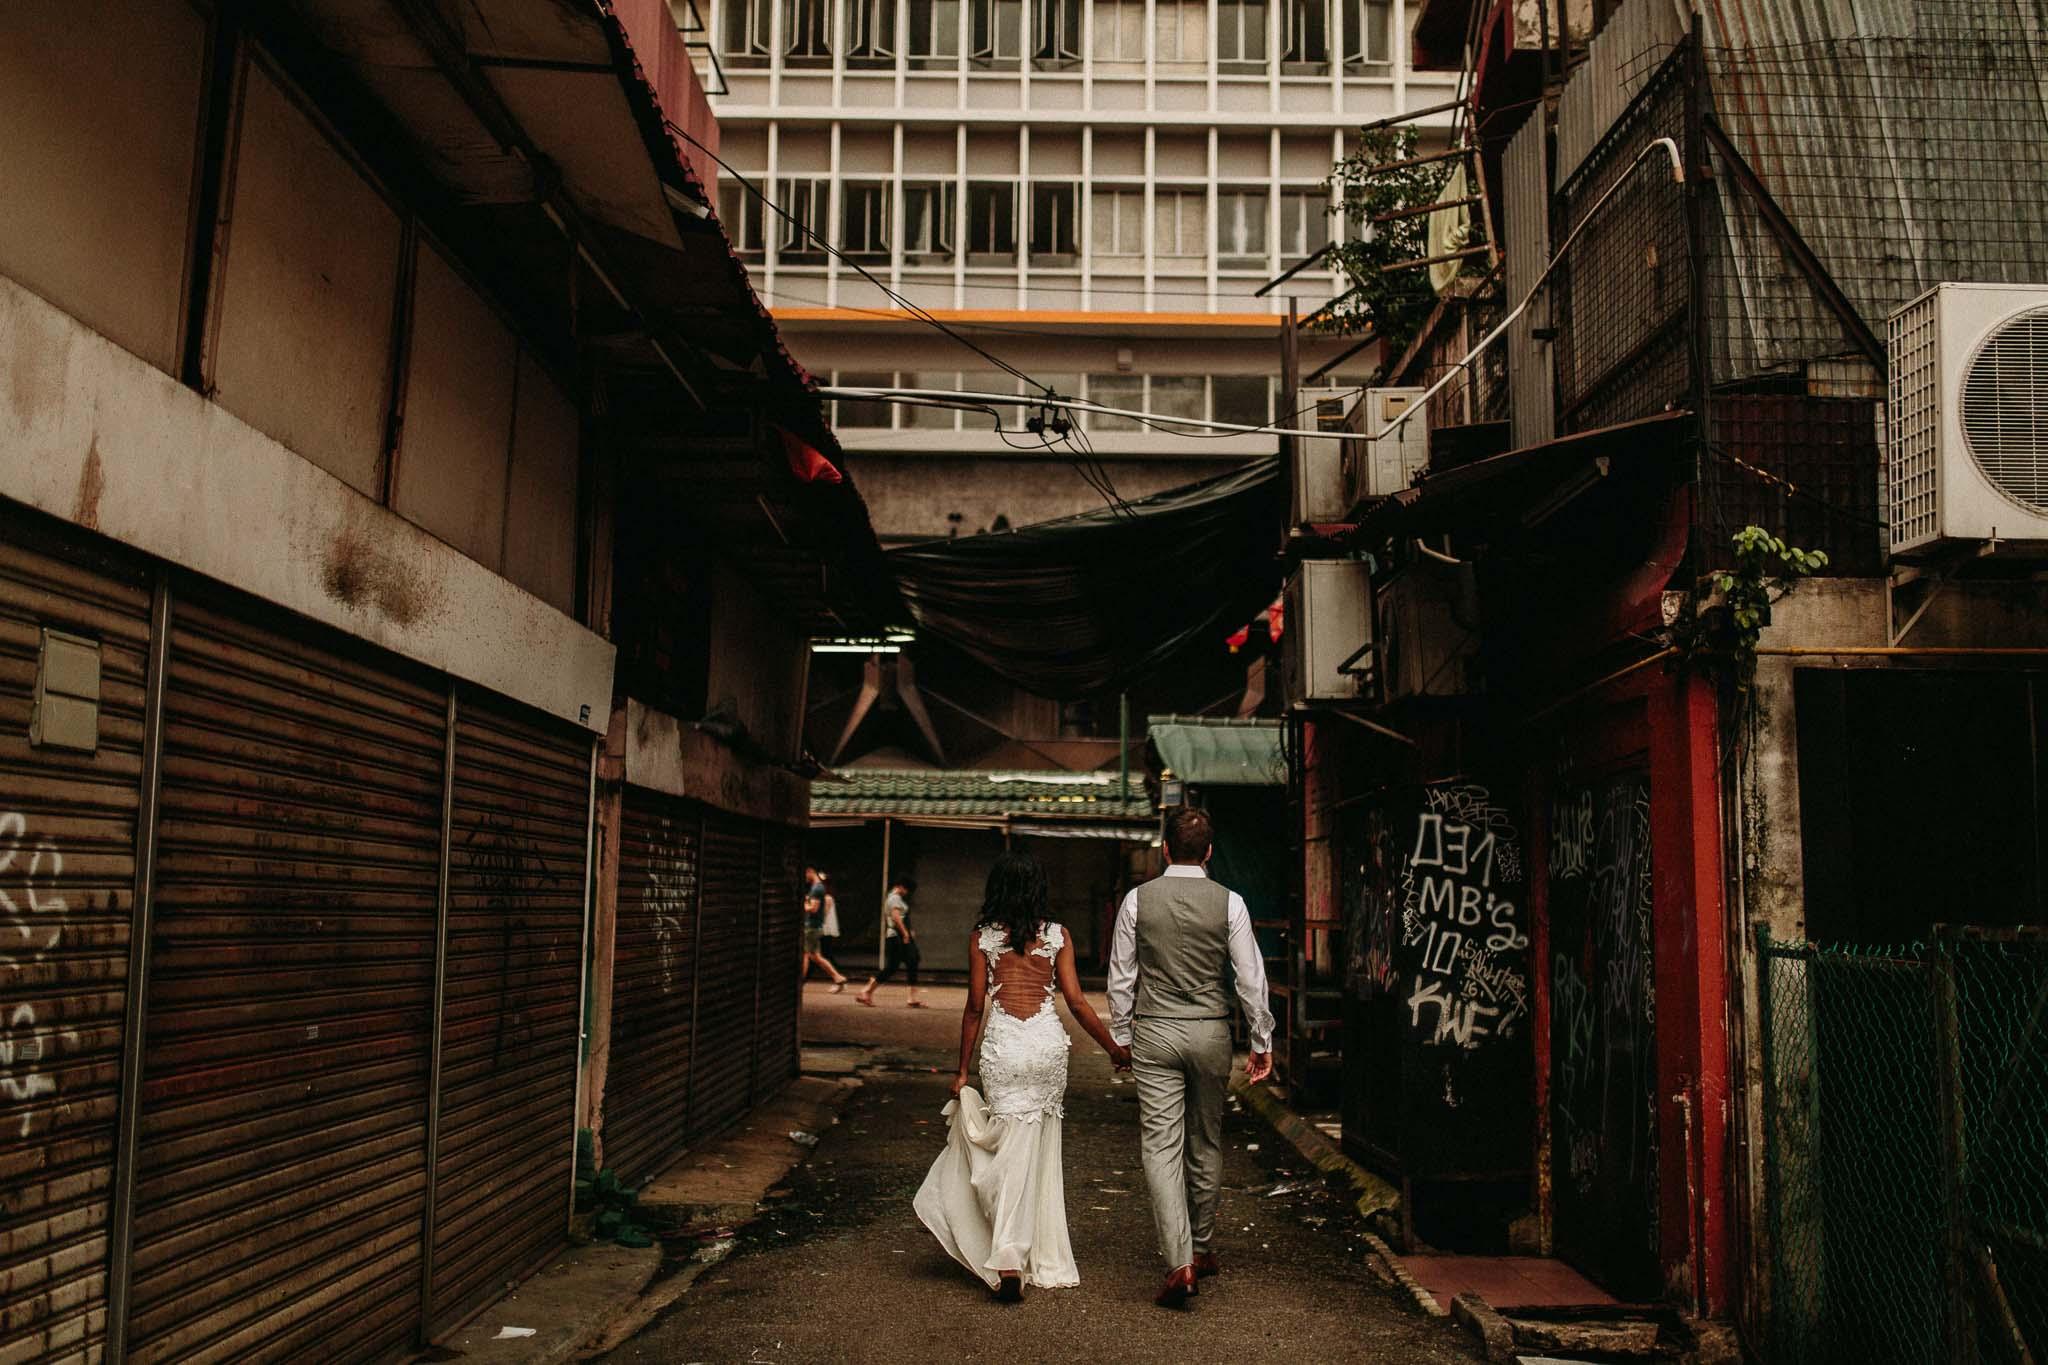 u&m-weddingsbyqay-lovesession-destinationweddingphotographer (62 of 160).jpg